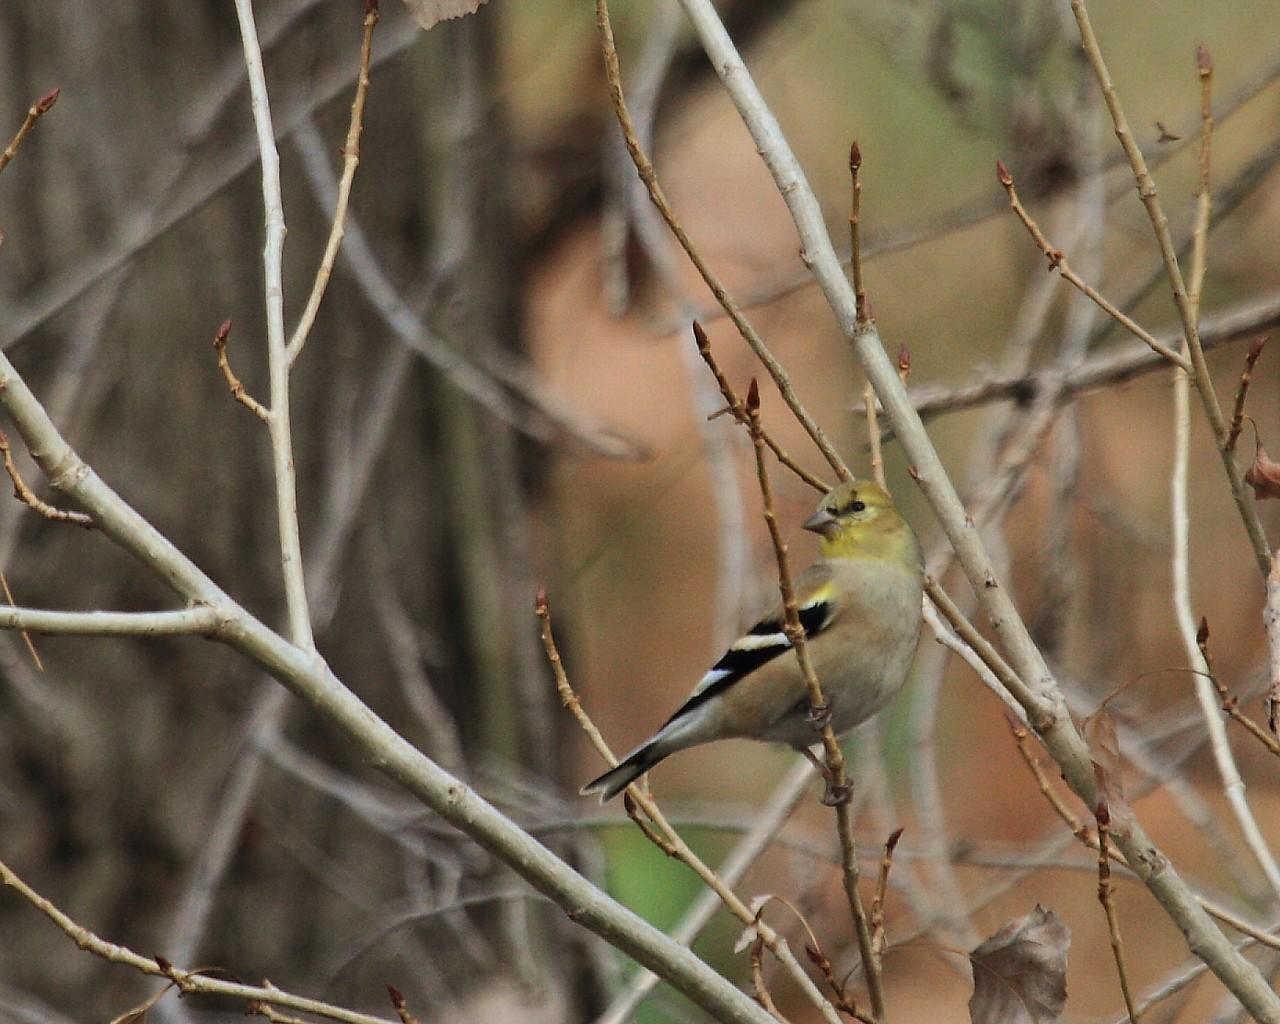 夏羽が見たかった。冬羽は地味なアメリカの鳥_f0105570_21284511.jpg